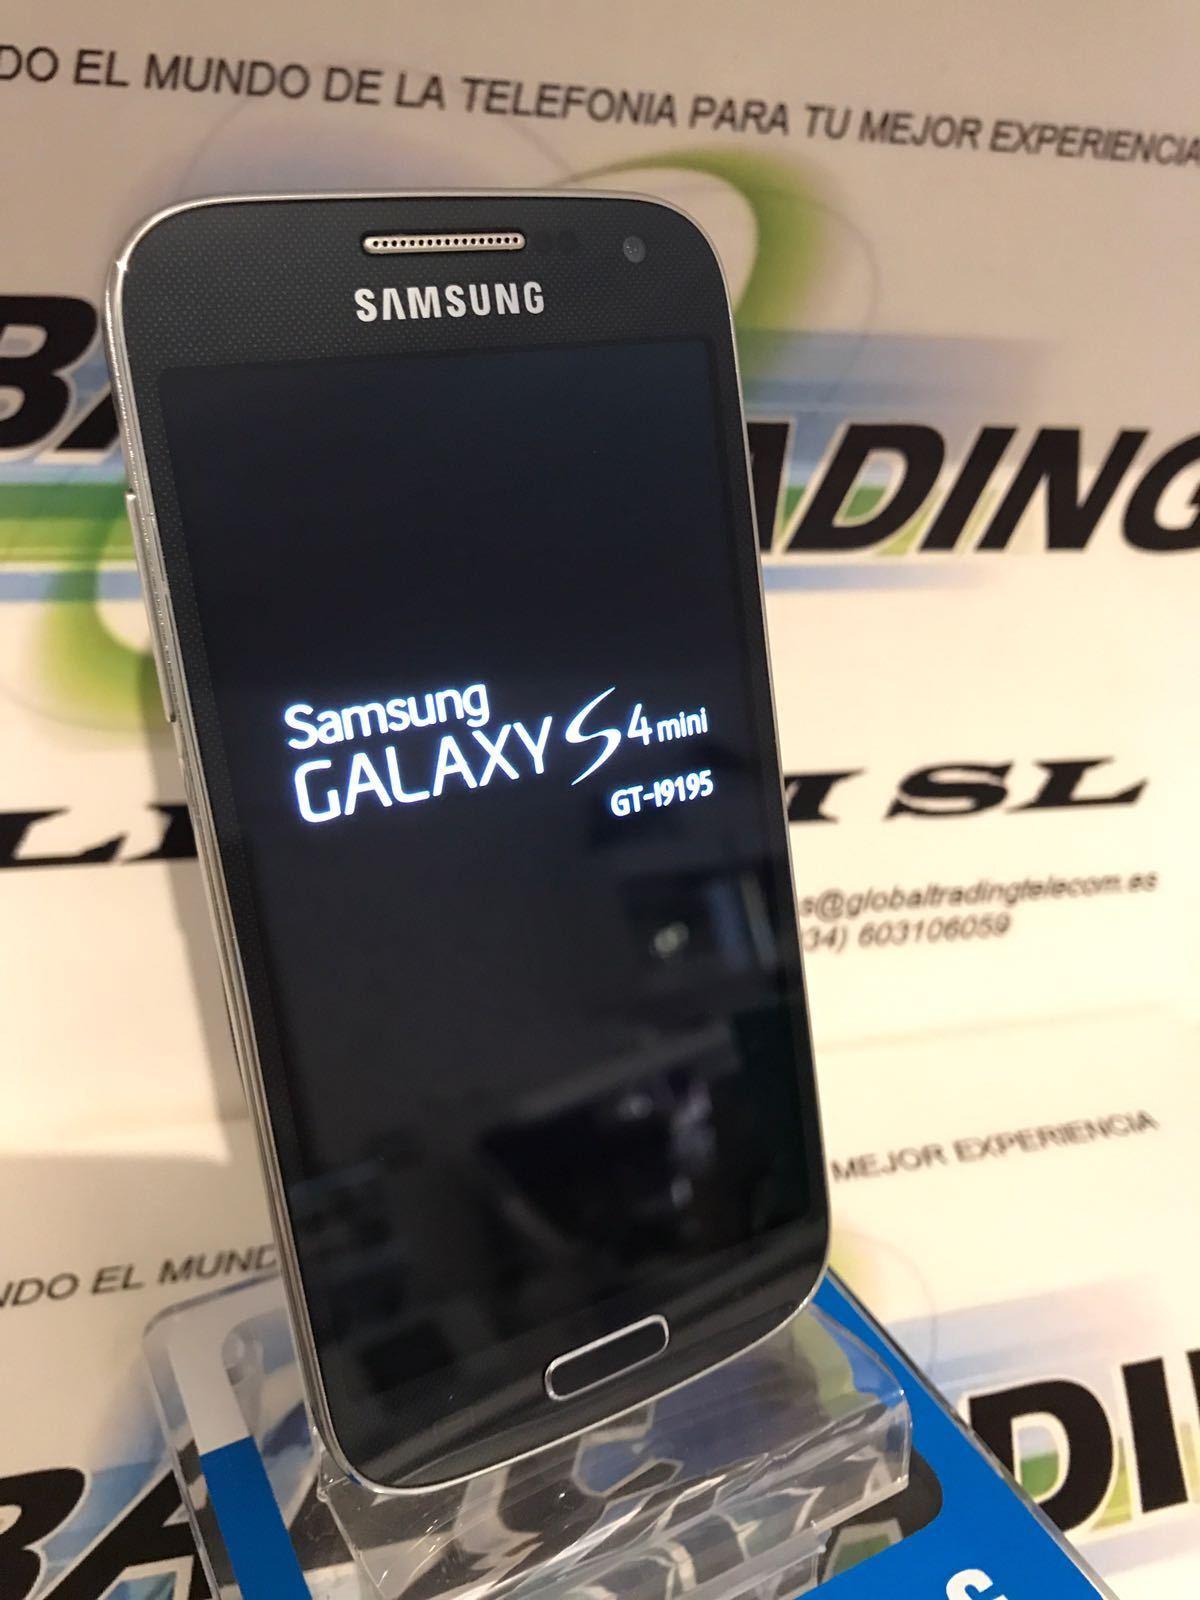 SAMSUNG GALAXY S4 MINI I9195 4G LTE NEGRO LIBRE USADO GRADO A...